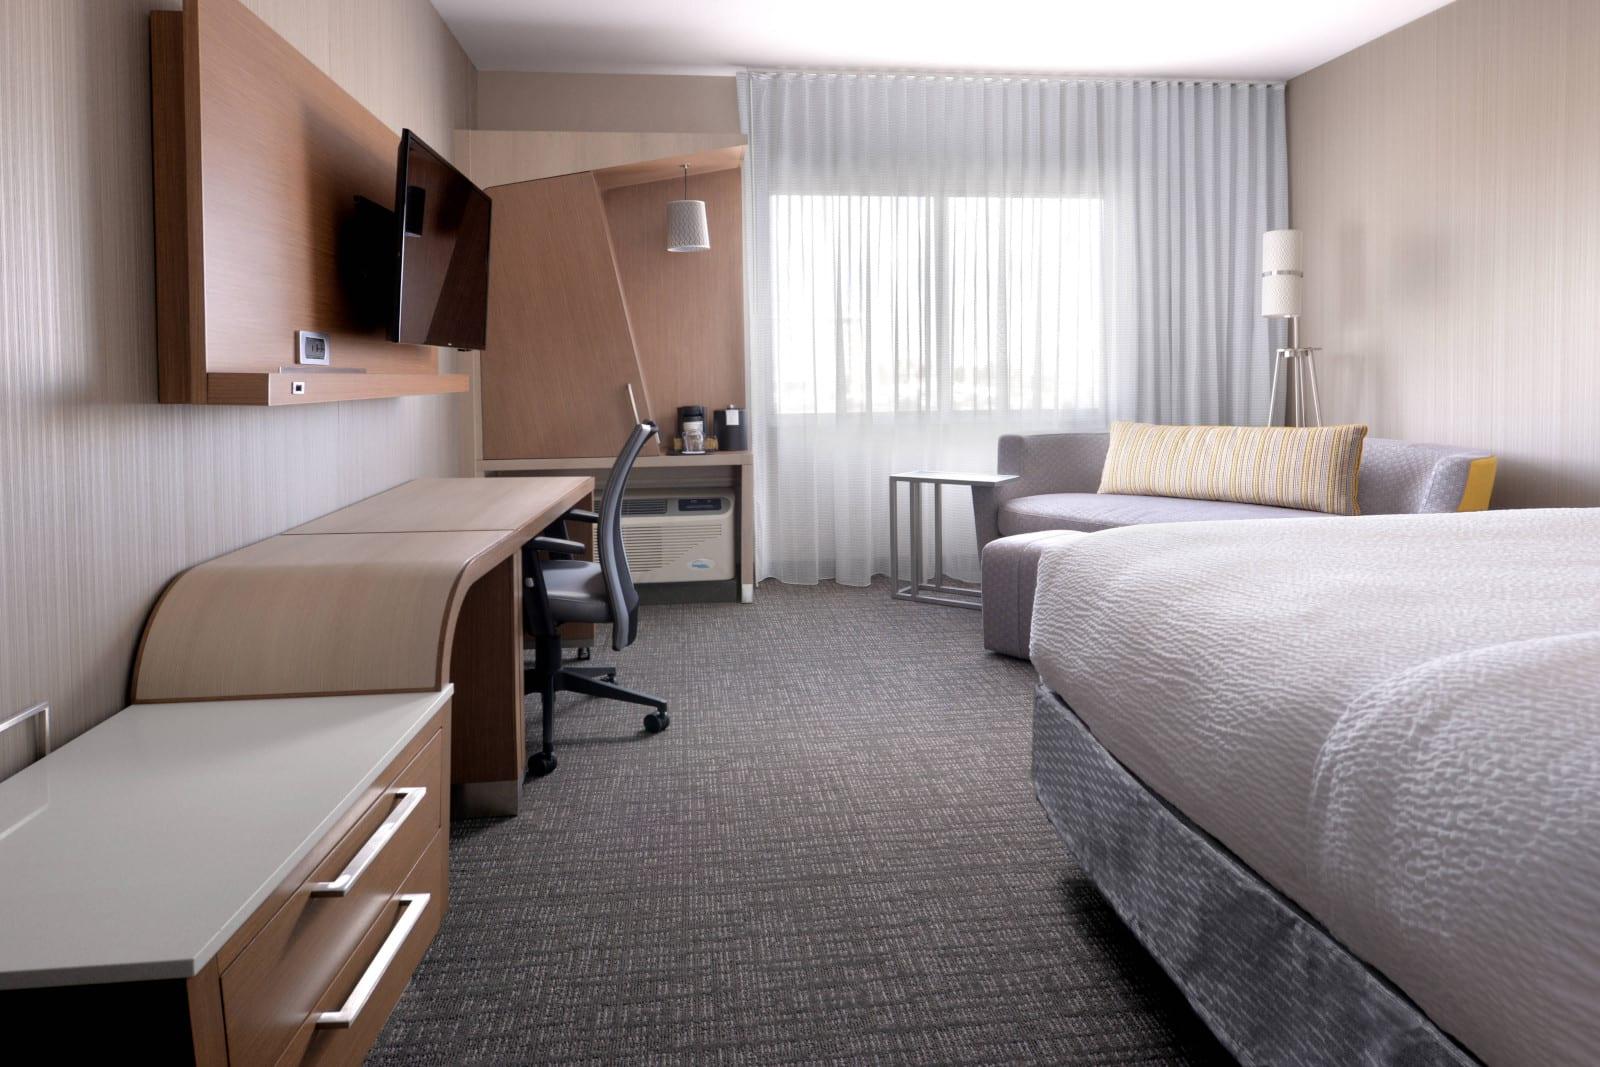 Best Hotels Littleton CO Courtyard by Marriott